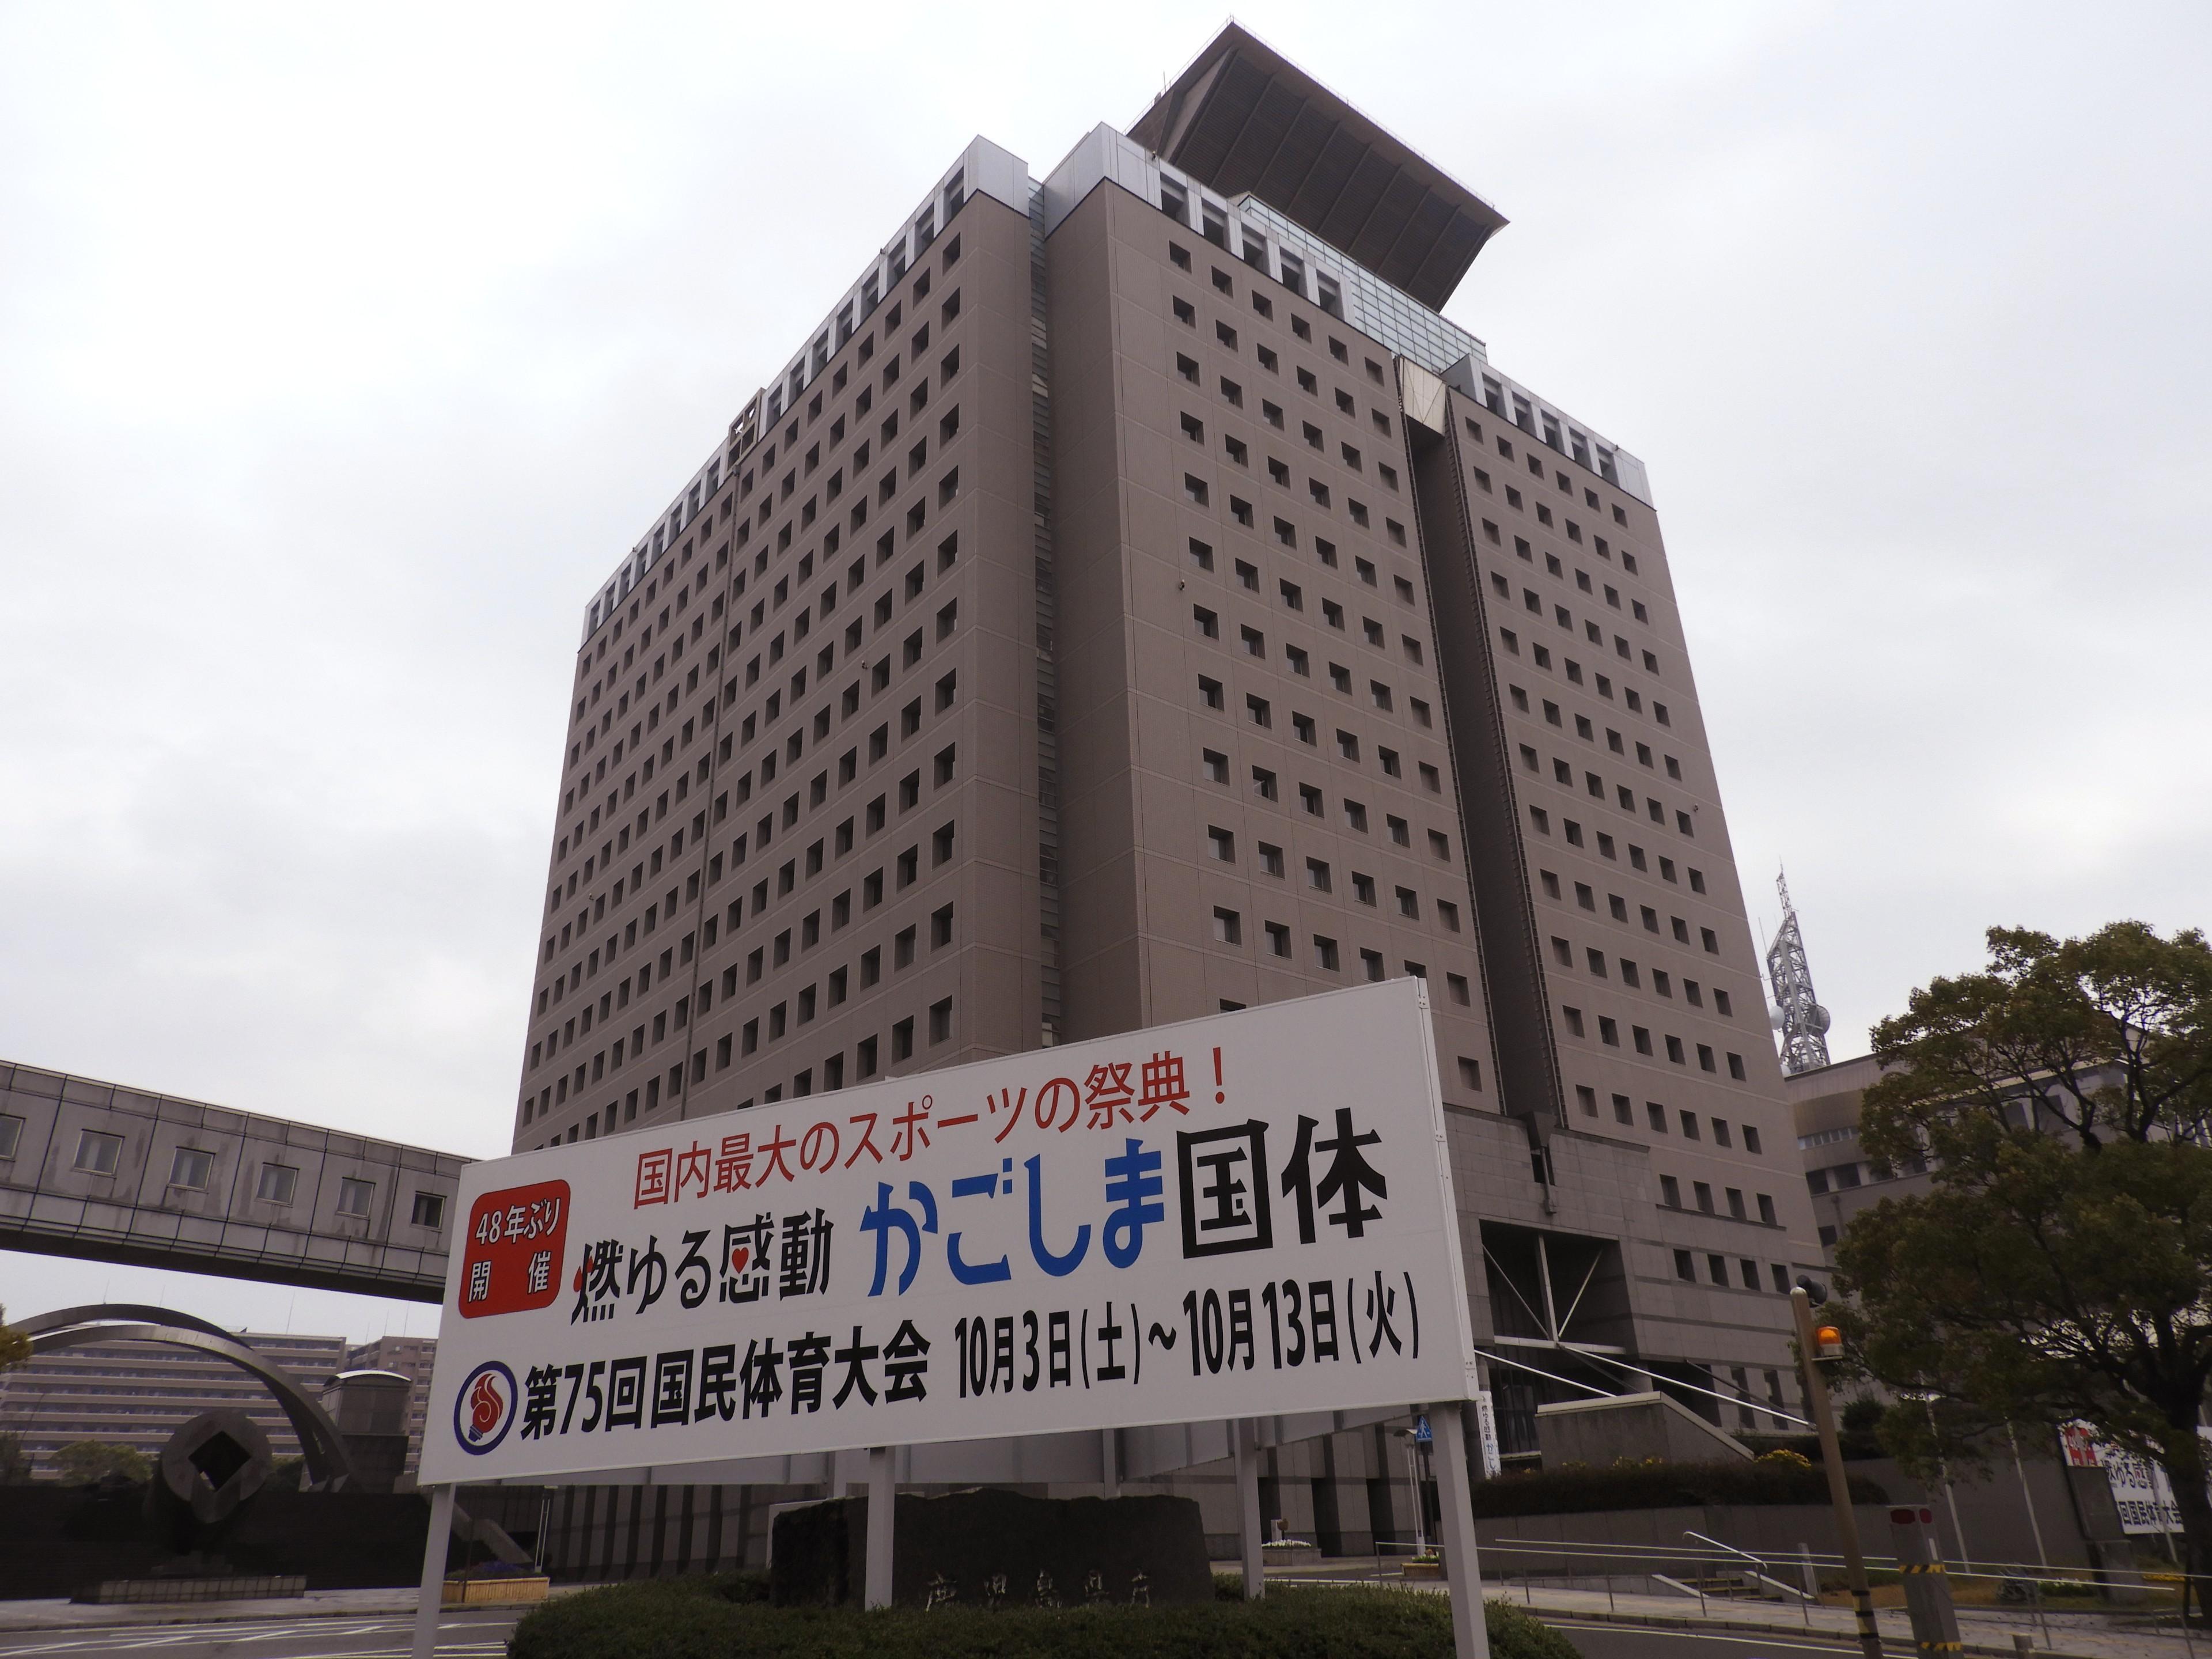 http://hunter-investigate.jp/news/DSCN1369%20%282%29.jpg